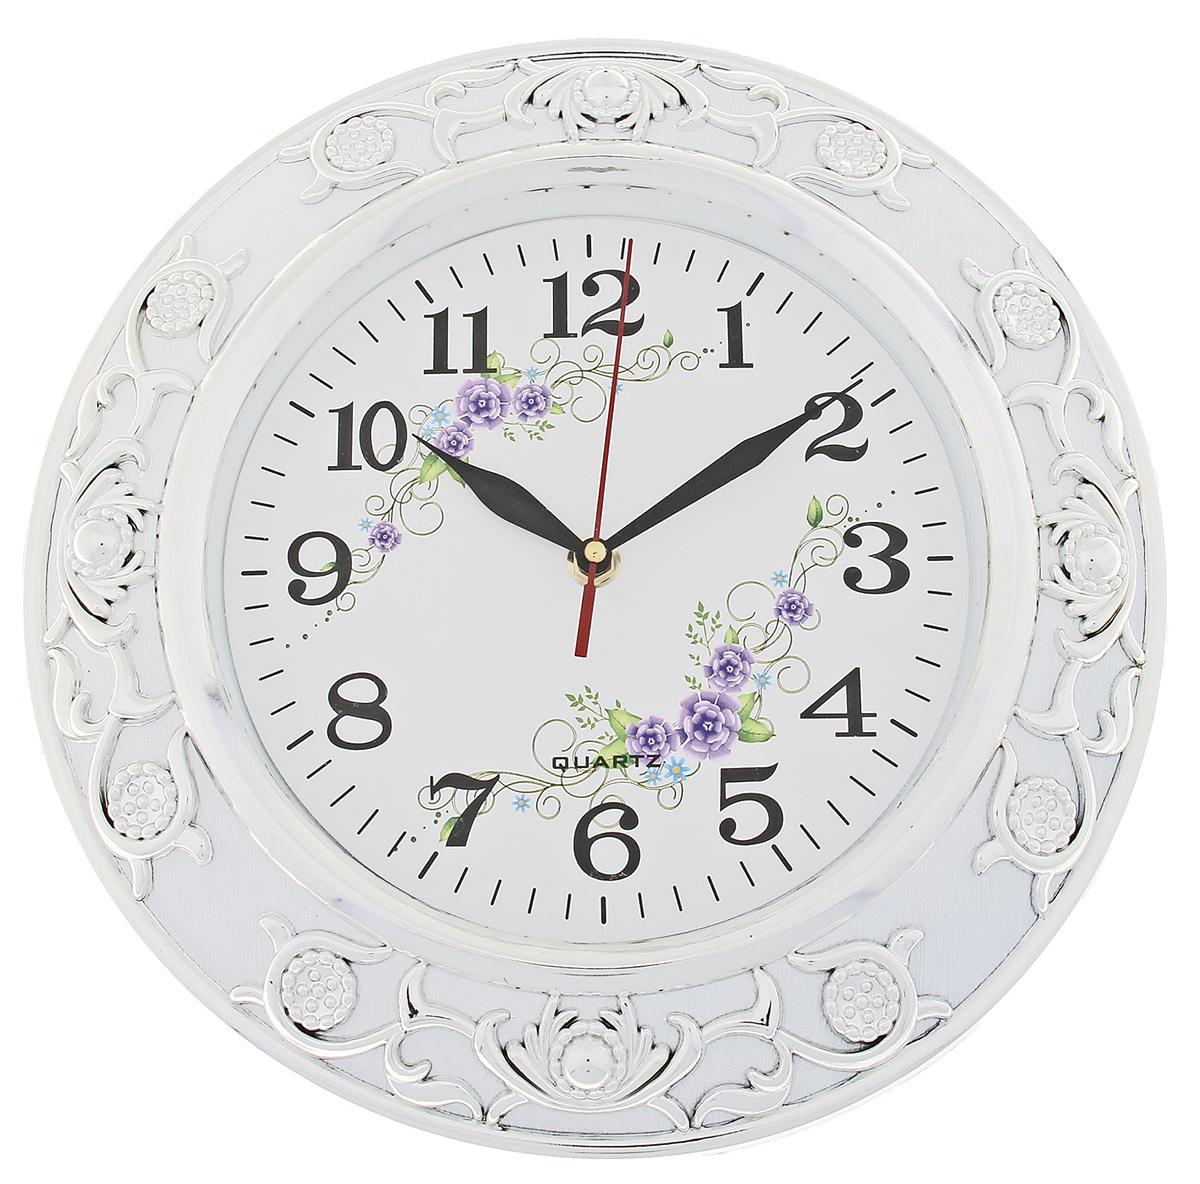 Часы настенные Ретро. Цветы, диаметр 30 см723390Каждому хозяину периодически приходит мысль обновить свою квартиру, сделать ремонт, перестановку или кардинально поменять внешний вид каждой комнаты. Часы настенные круглые Серия Ретро. Сирневые цветы, d=30 см, рама белая, объемный узор серебристый — привлекательная деталь, которая поможет воплотить вашу интерьерную идею, создать неповторимую атмосферу в вашем доме. Окружите себя приятными мелочами, пусть они радуют глаз и дарят гармонию.Часы настенные серия Ретро круг рама пласт белая узор хром на циферблате Цветы d=30см 723390